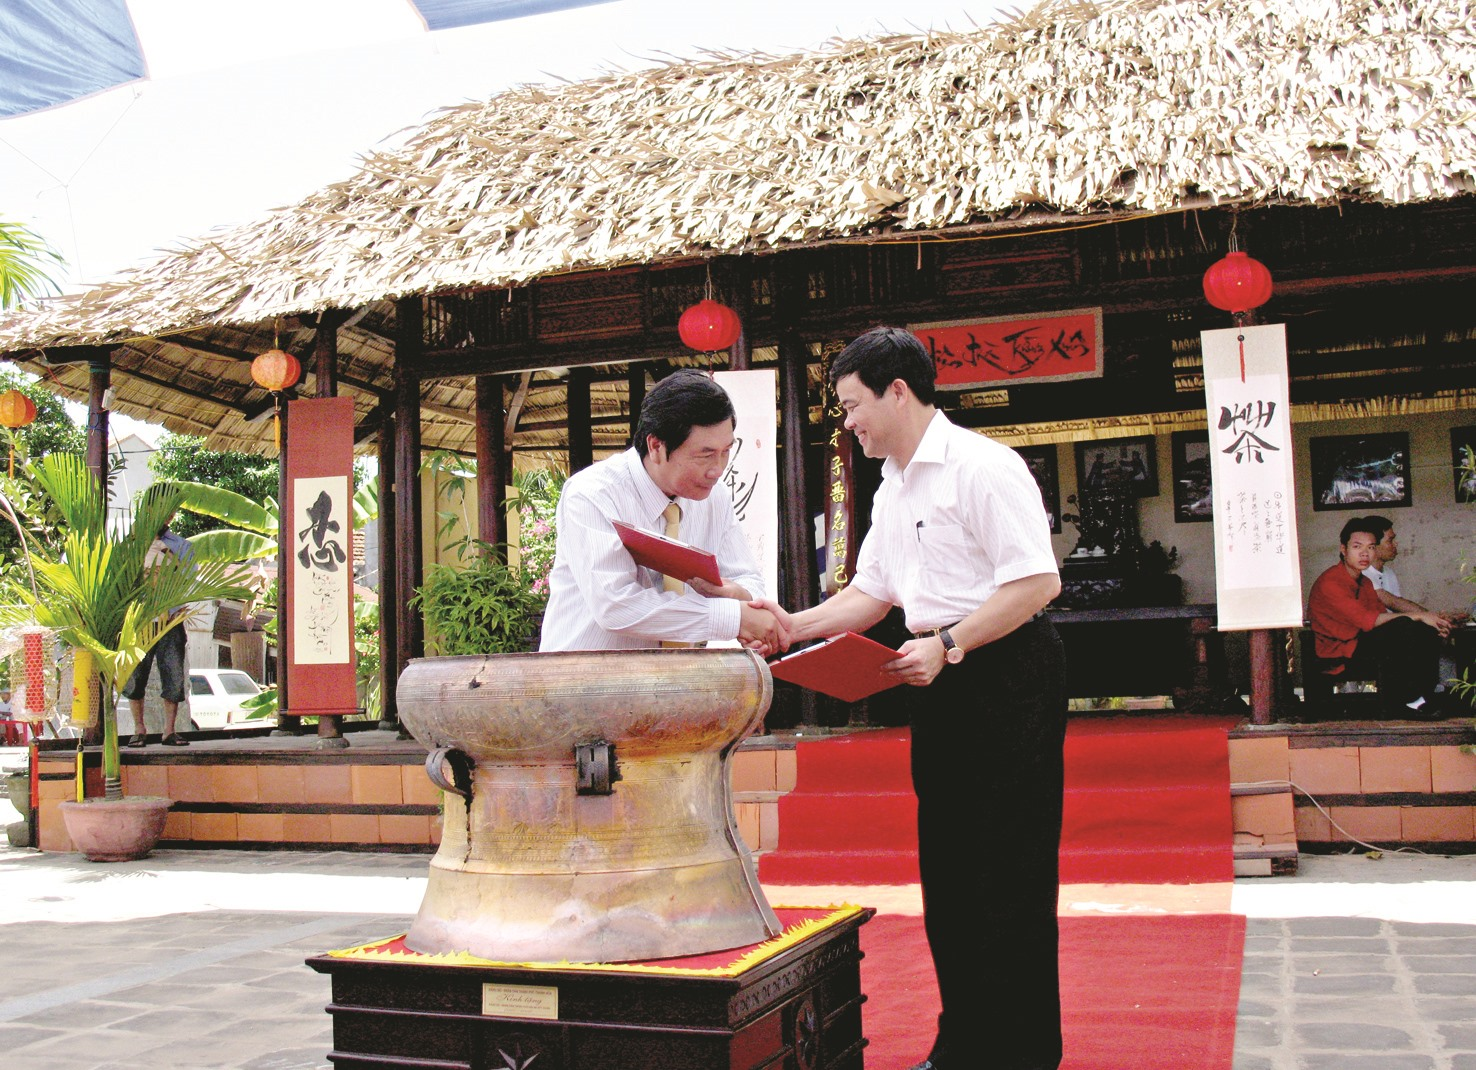 Tỉnh Thanh Hóa tặng chiếc trống đồng Đông Sơn cho Quảng Nam nhân dịp Kỷ niệm 50 năm kết nghĩa Thanh Hóa - Quảng Nam. Ảnh: PHAN VINH